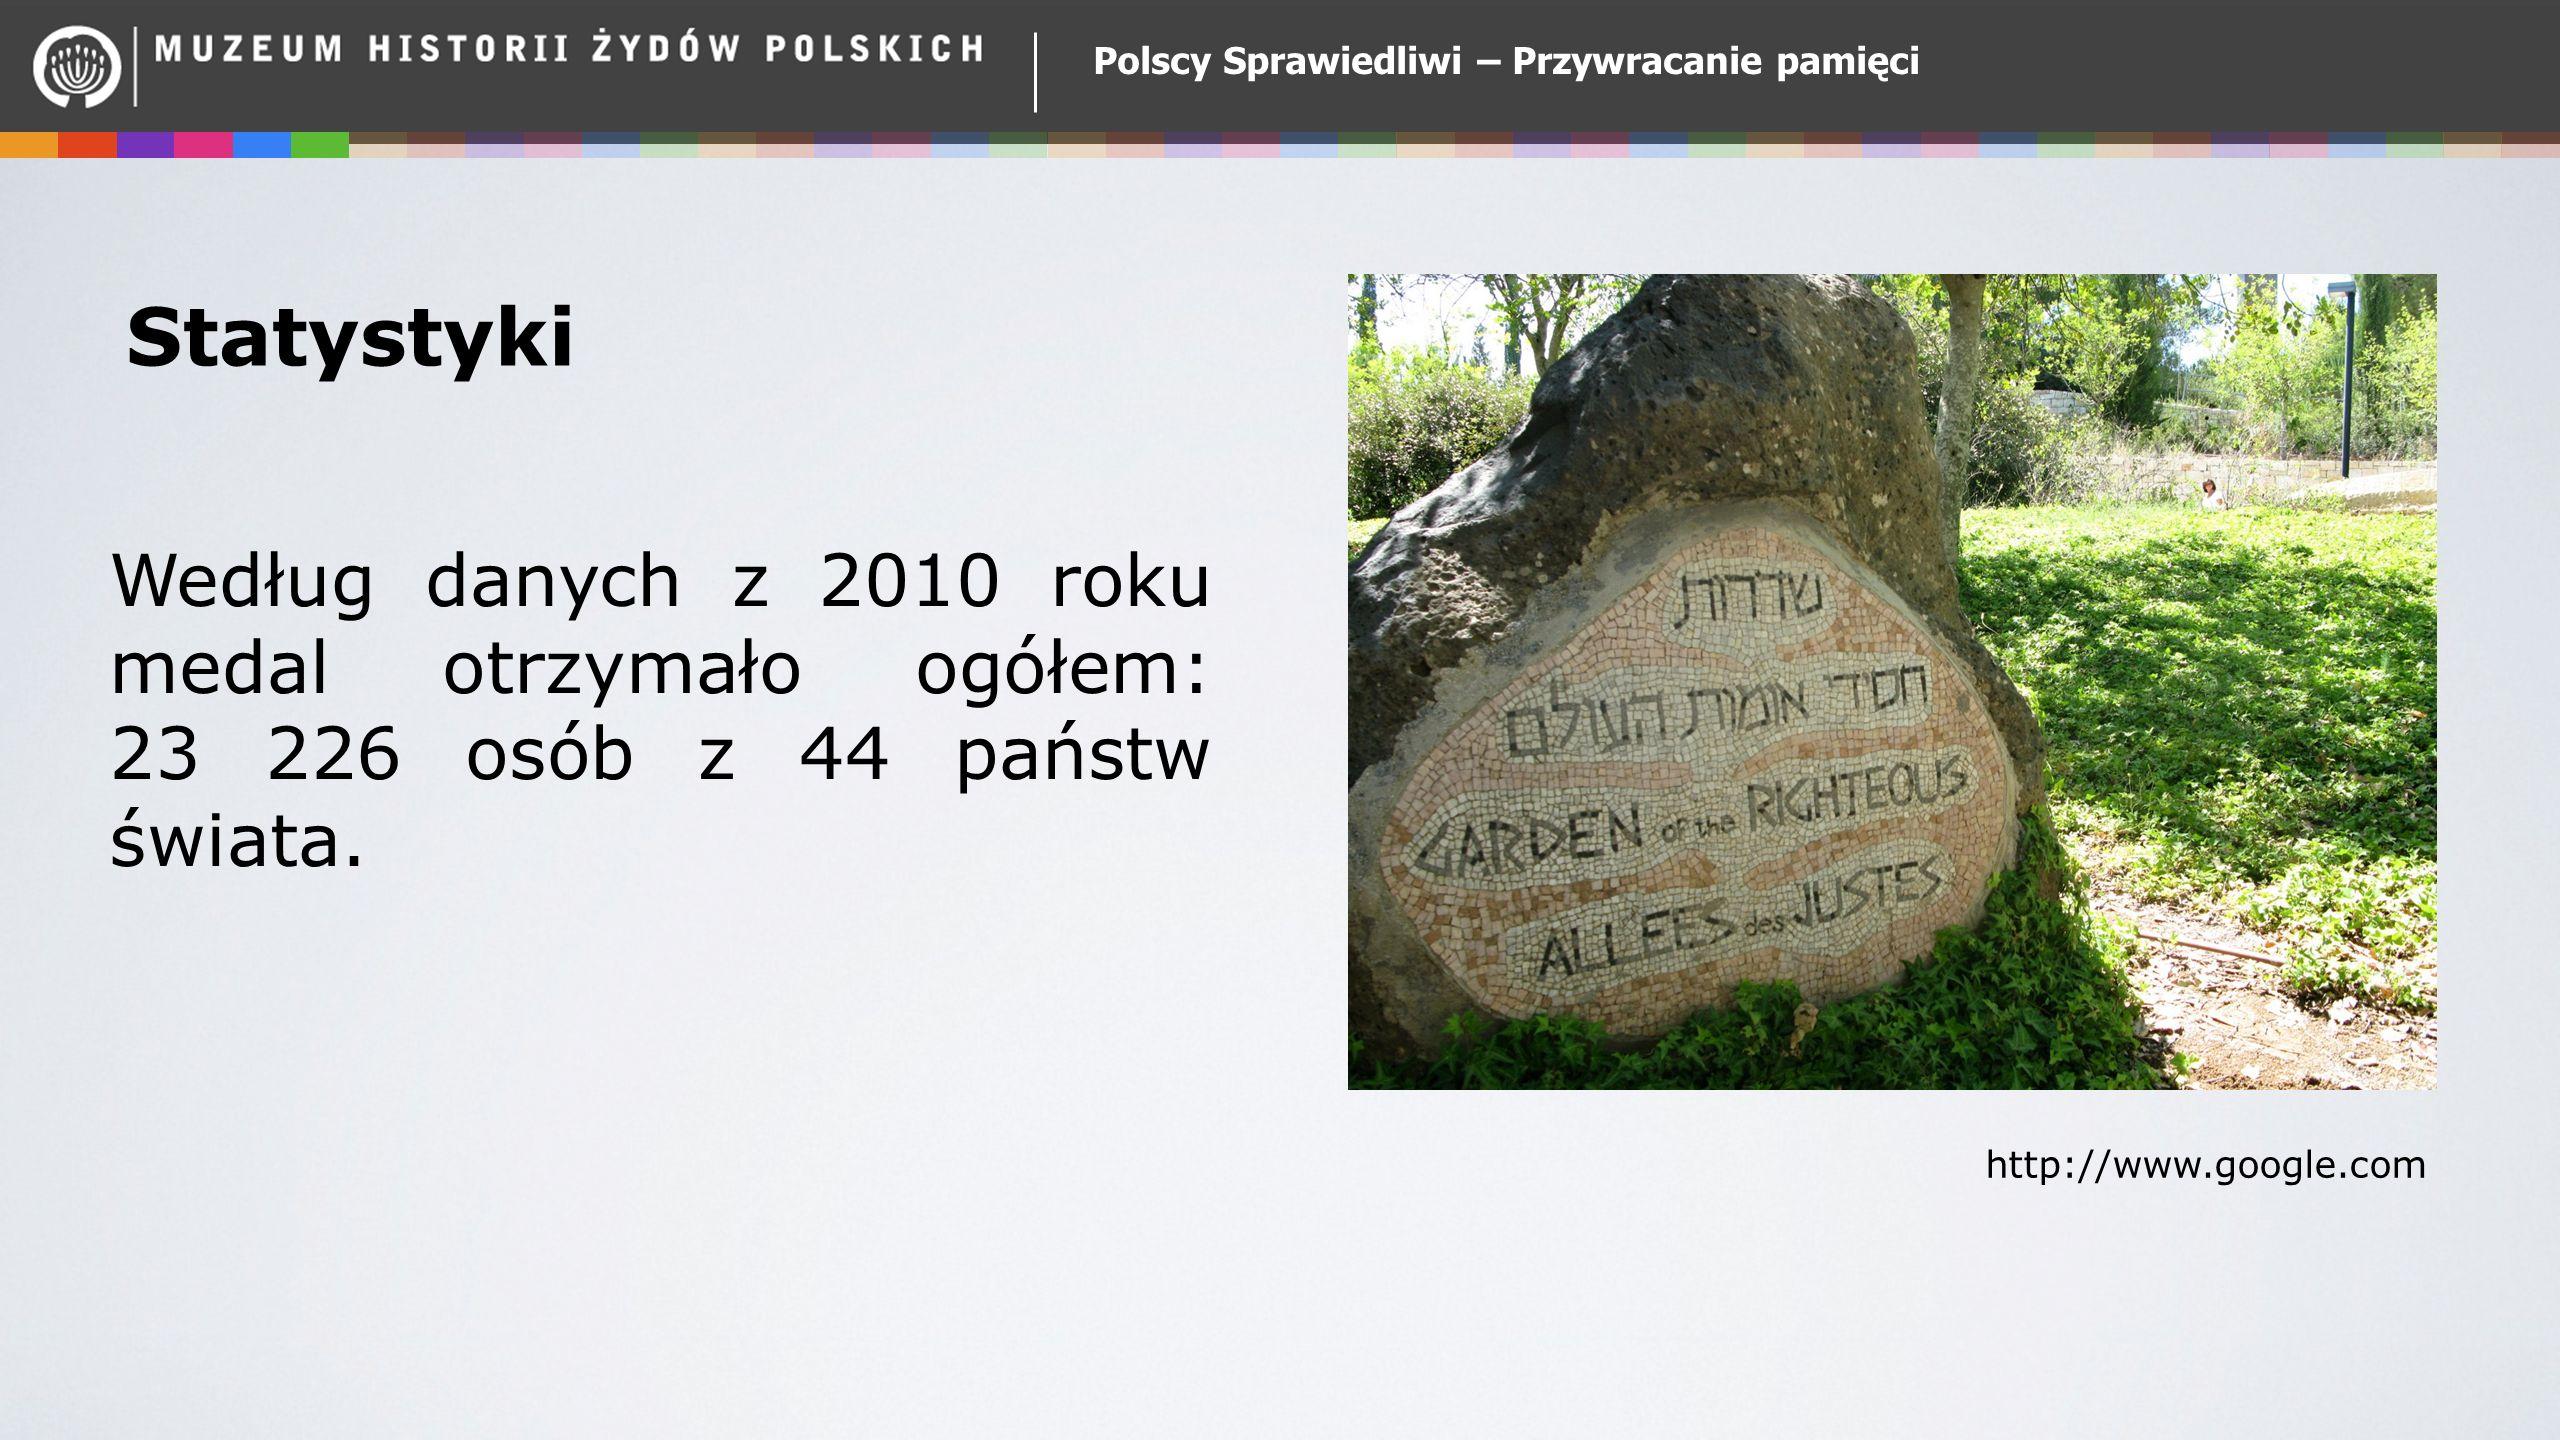 Polscy Sprawiedliwi – Przywracanie pamięci Statystyki Według danych z 2010 roku medal otrzymało ogółem: 23 226 osób z 44 państw świata. http://www.goo